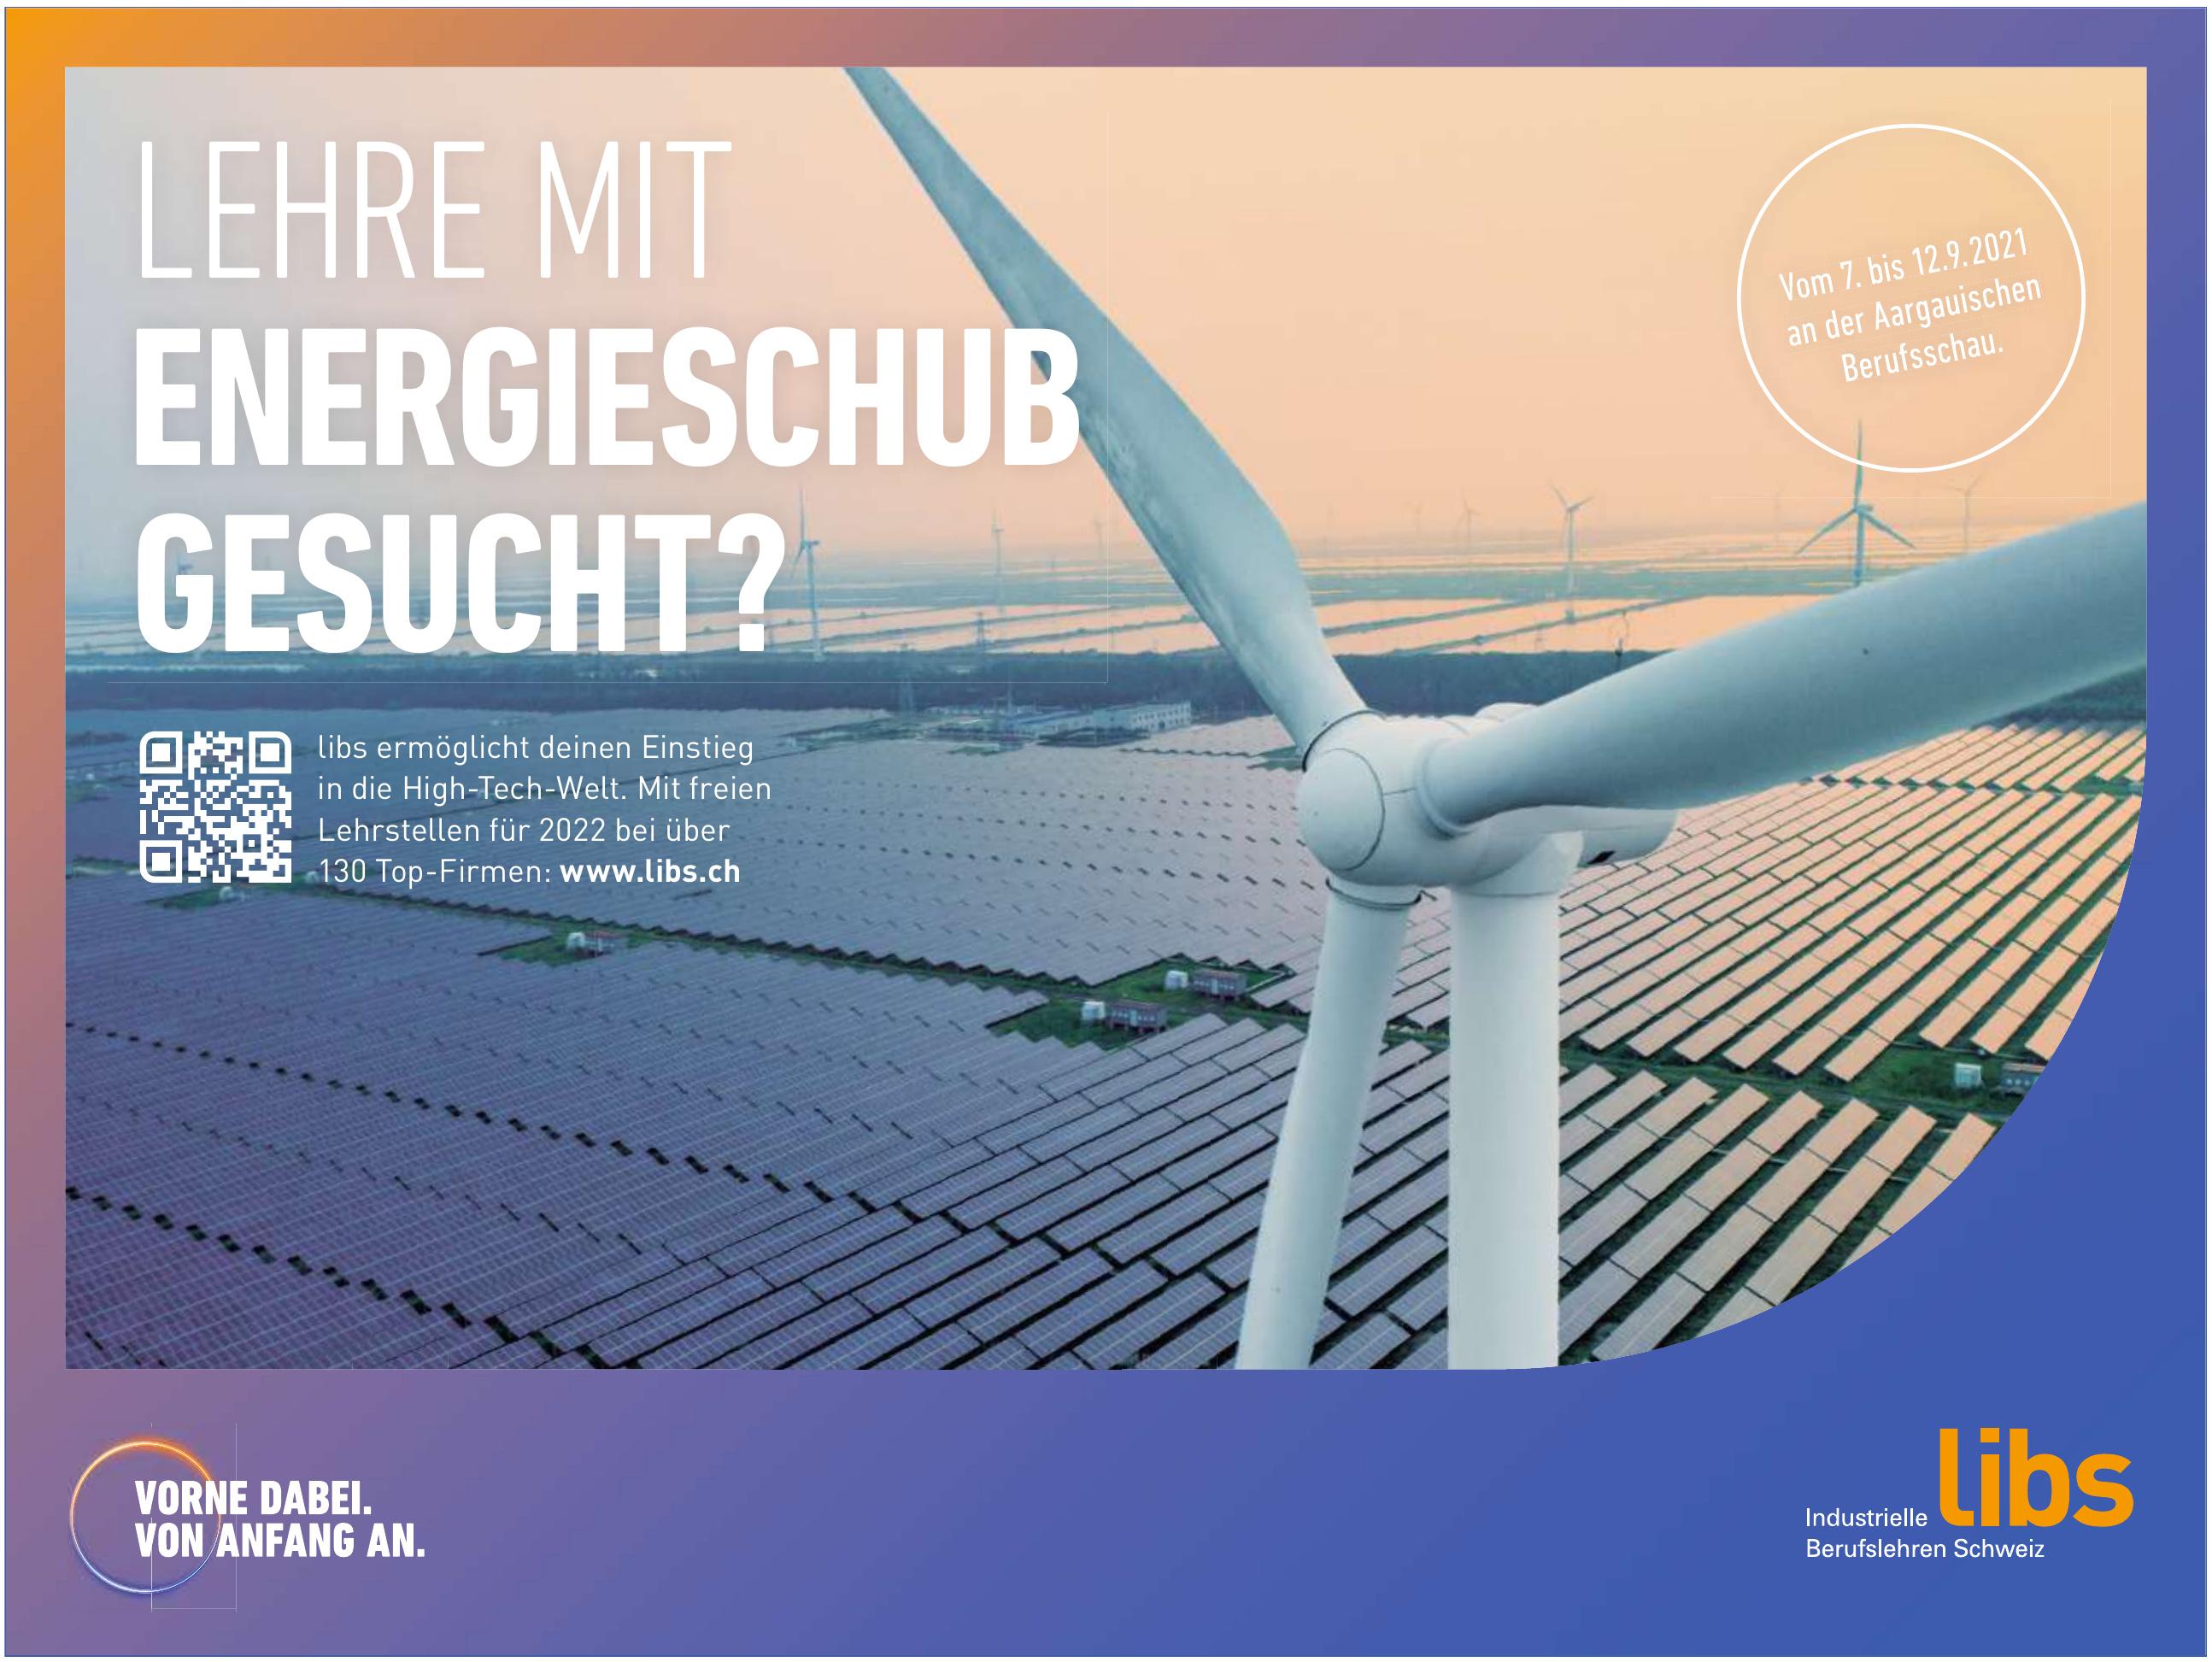 Libs Industrielle Berufsleben Schweiz